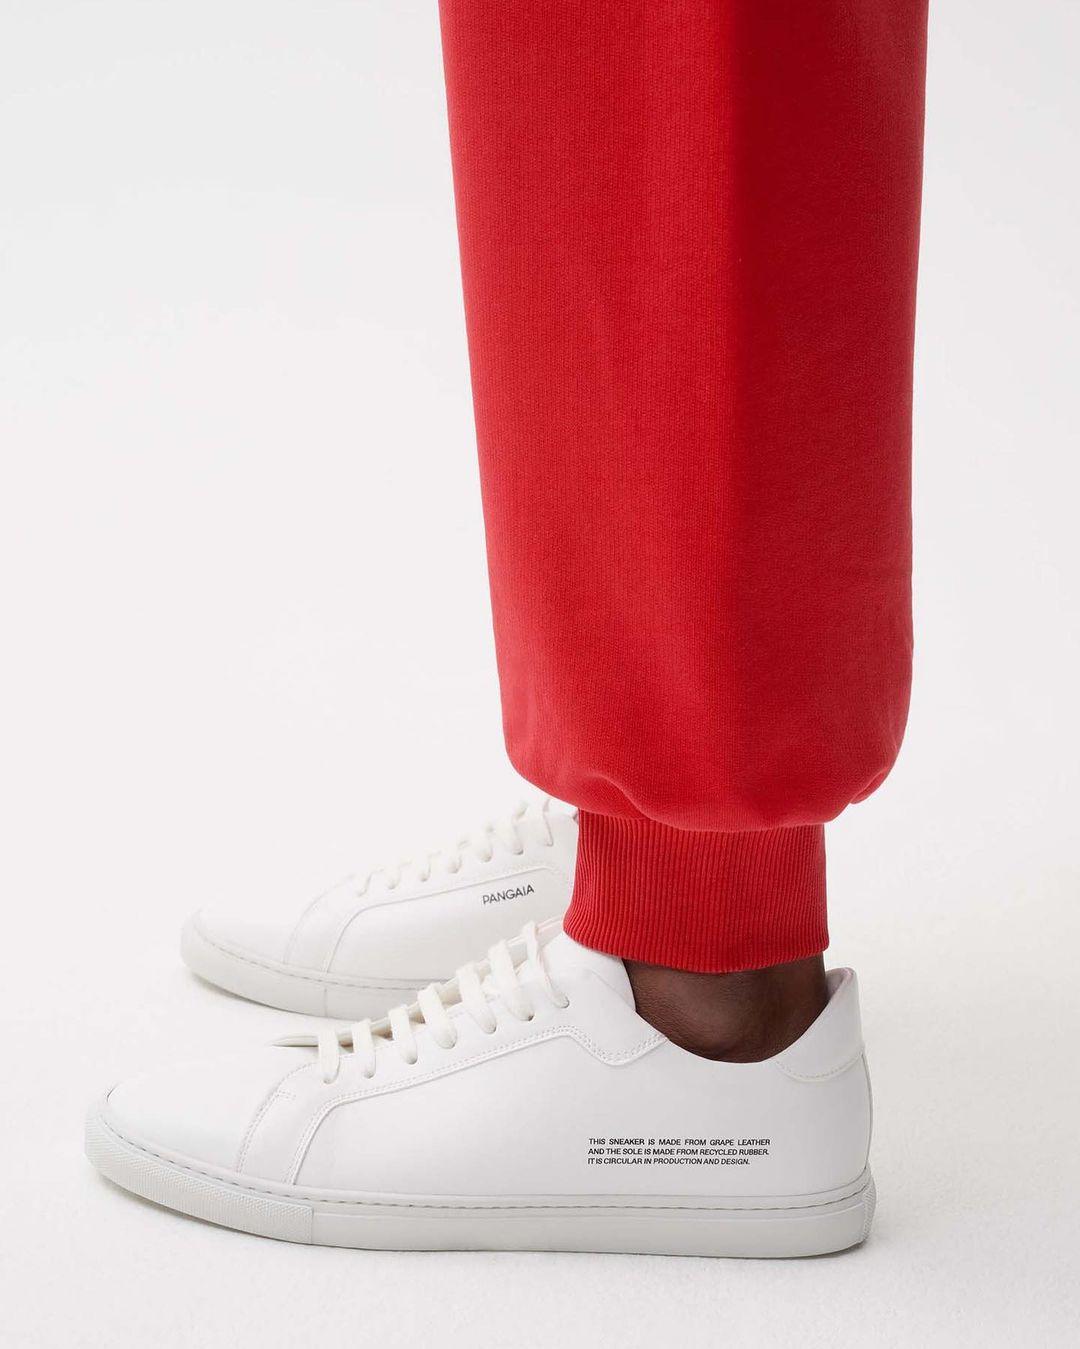 Sneakers The Pangaia